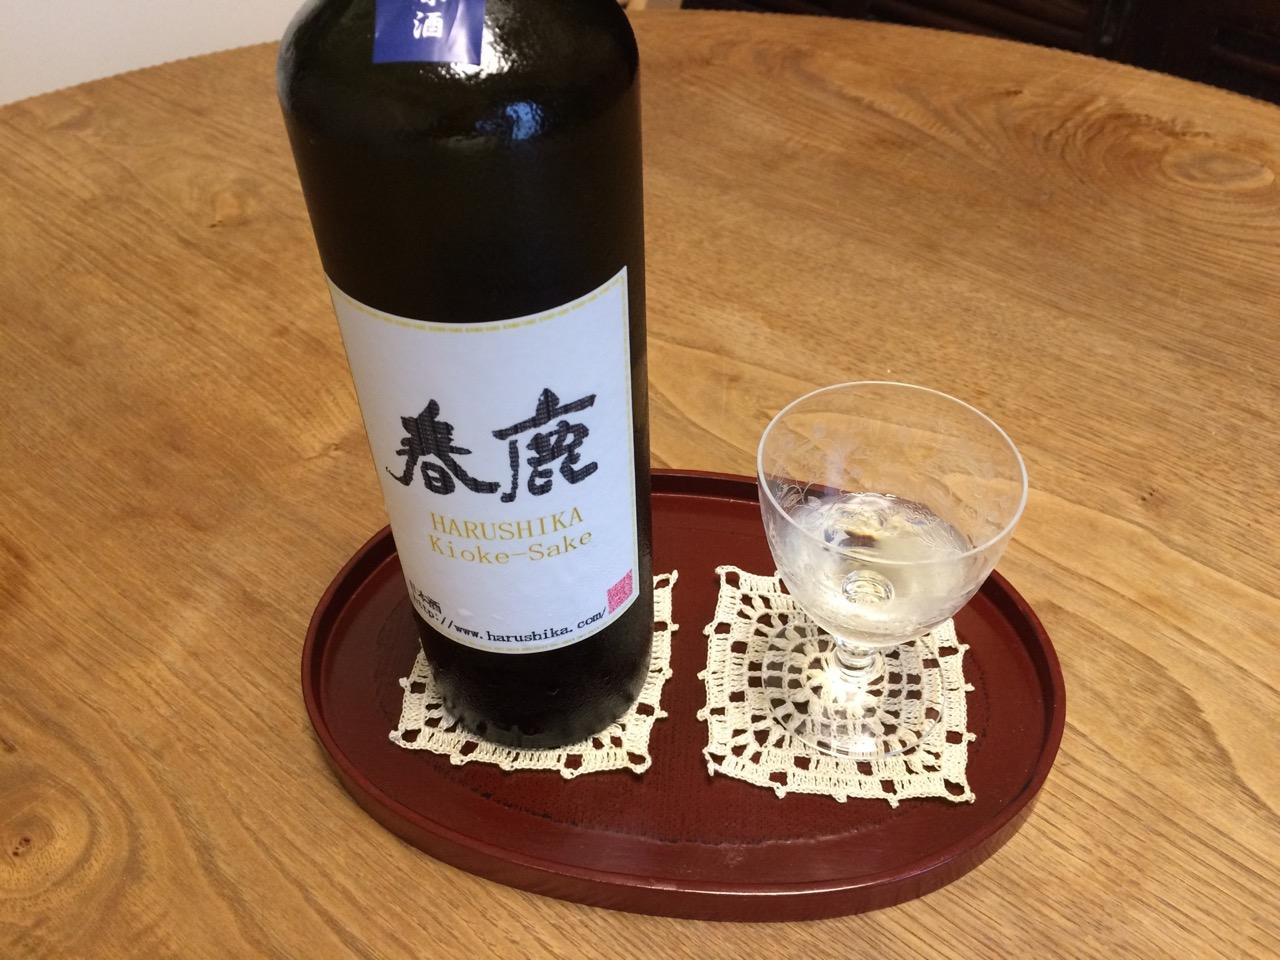 春鹿 木桶造り 山廃純米生原酒 露葉風|日本酒テイスティングノート